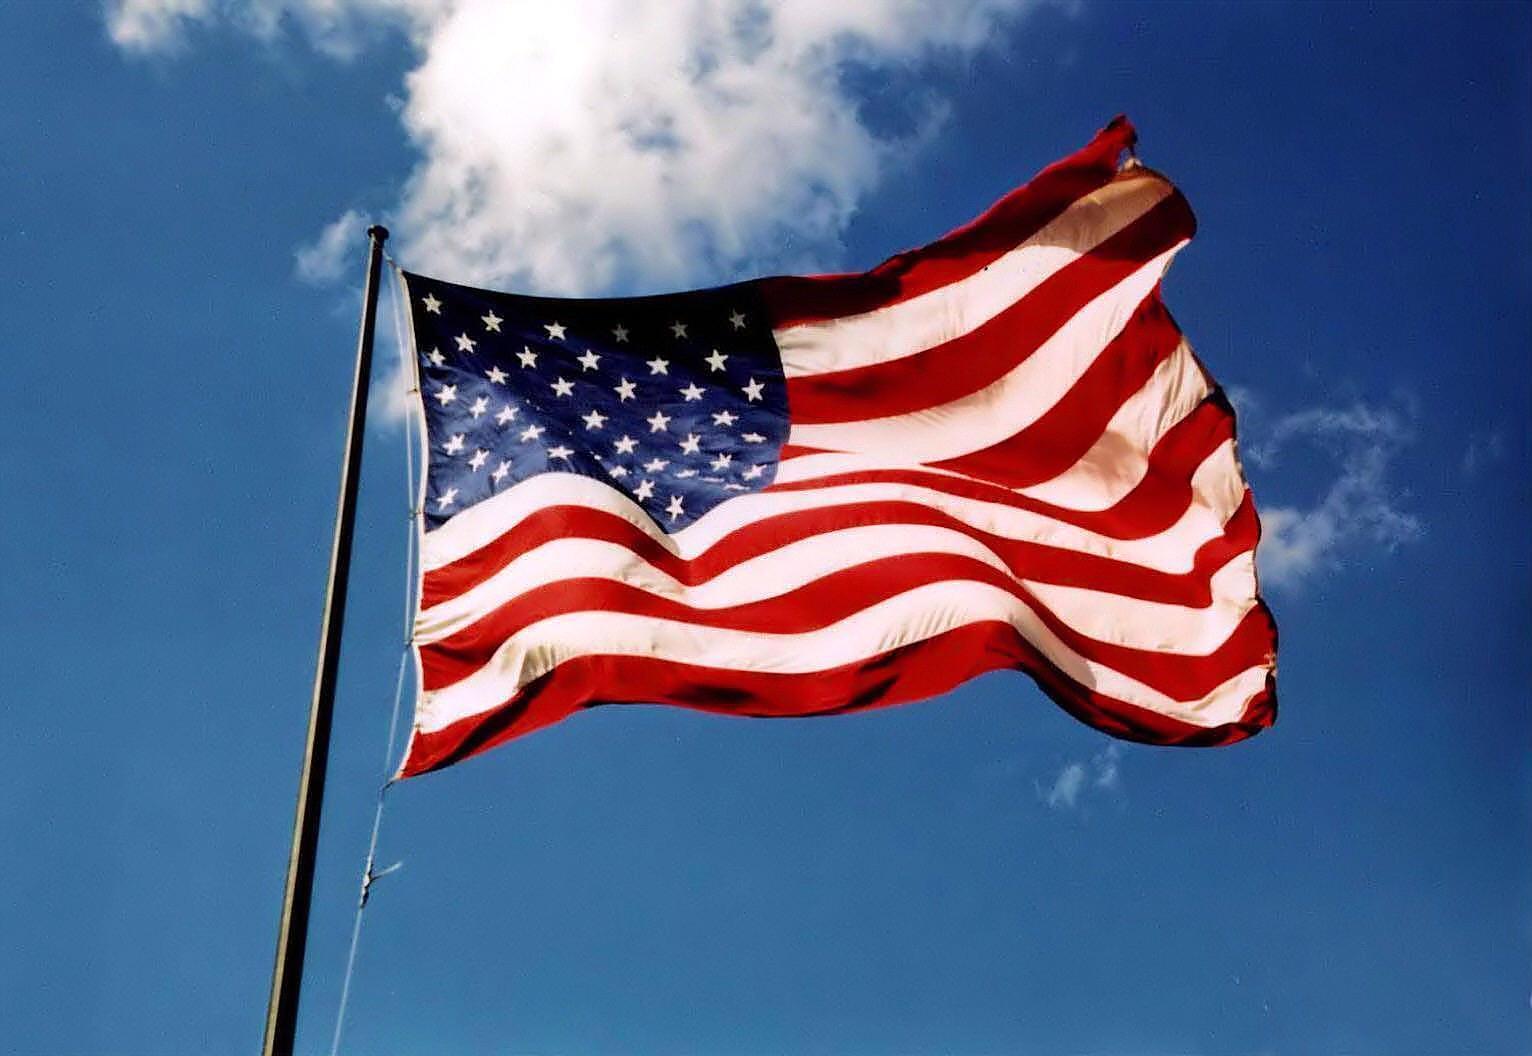 بالصور صور علم امريكا , مجموعة من الصور المختلفة لعلم دولة امريكا 912 9